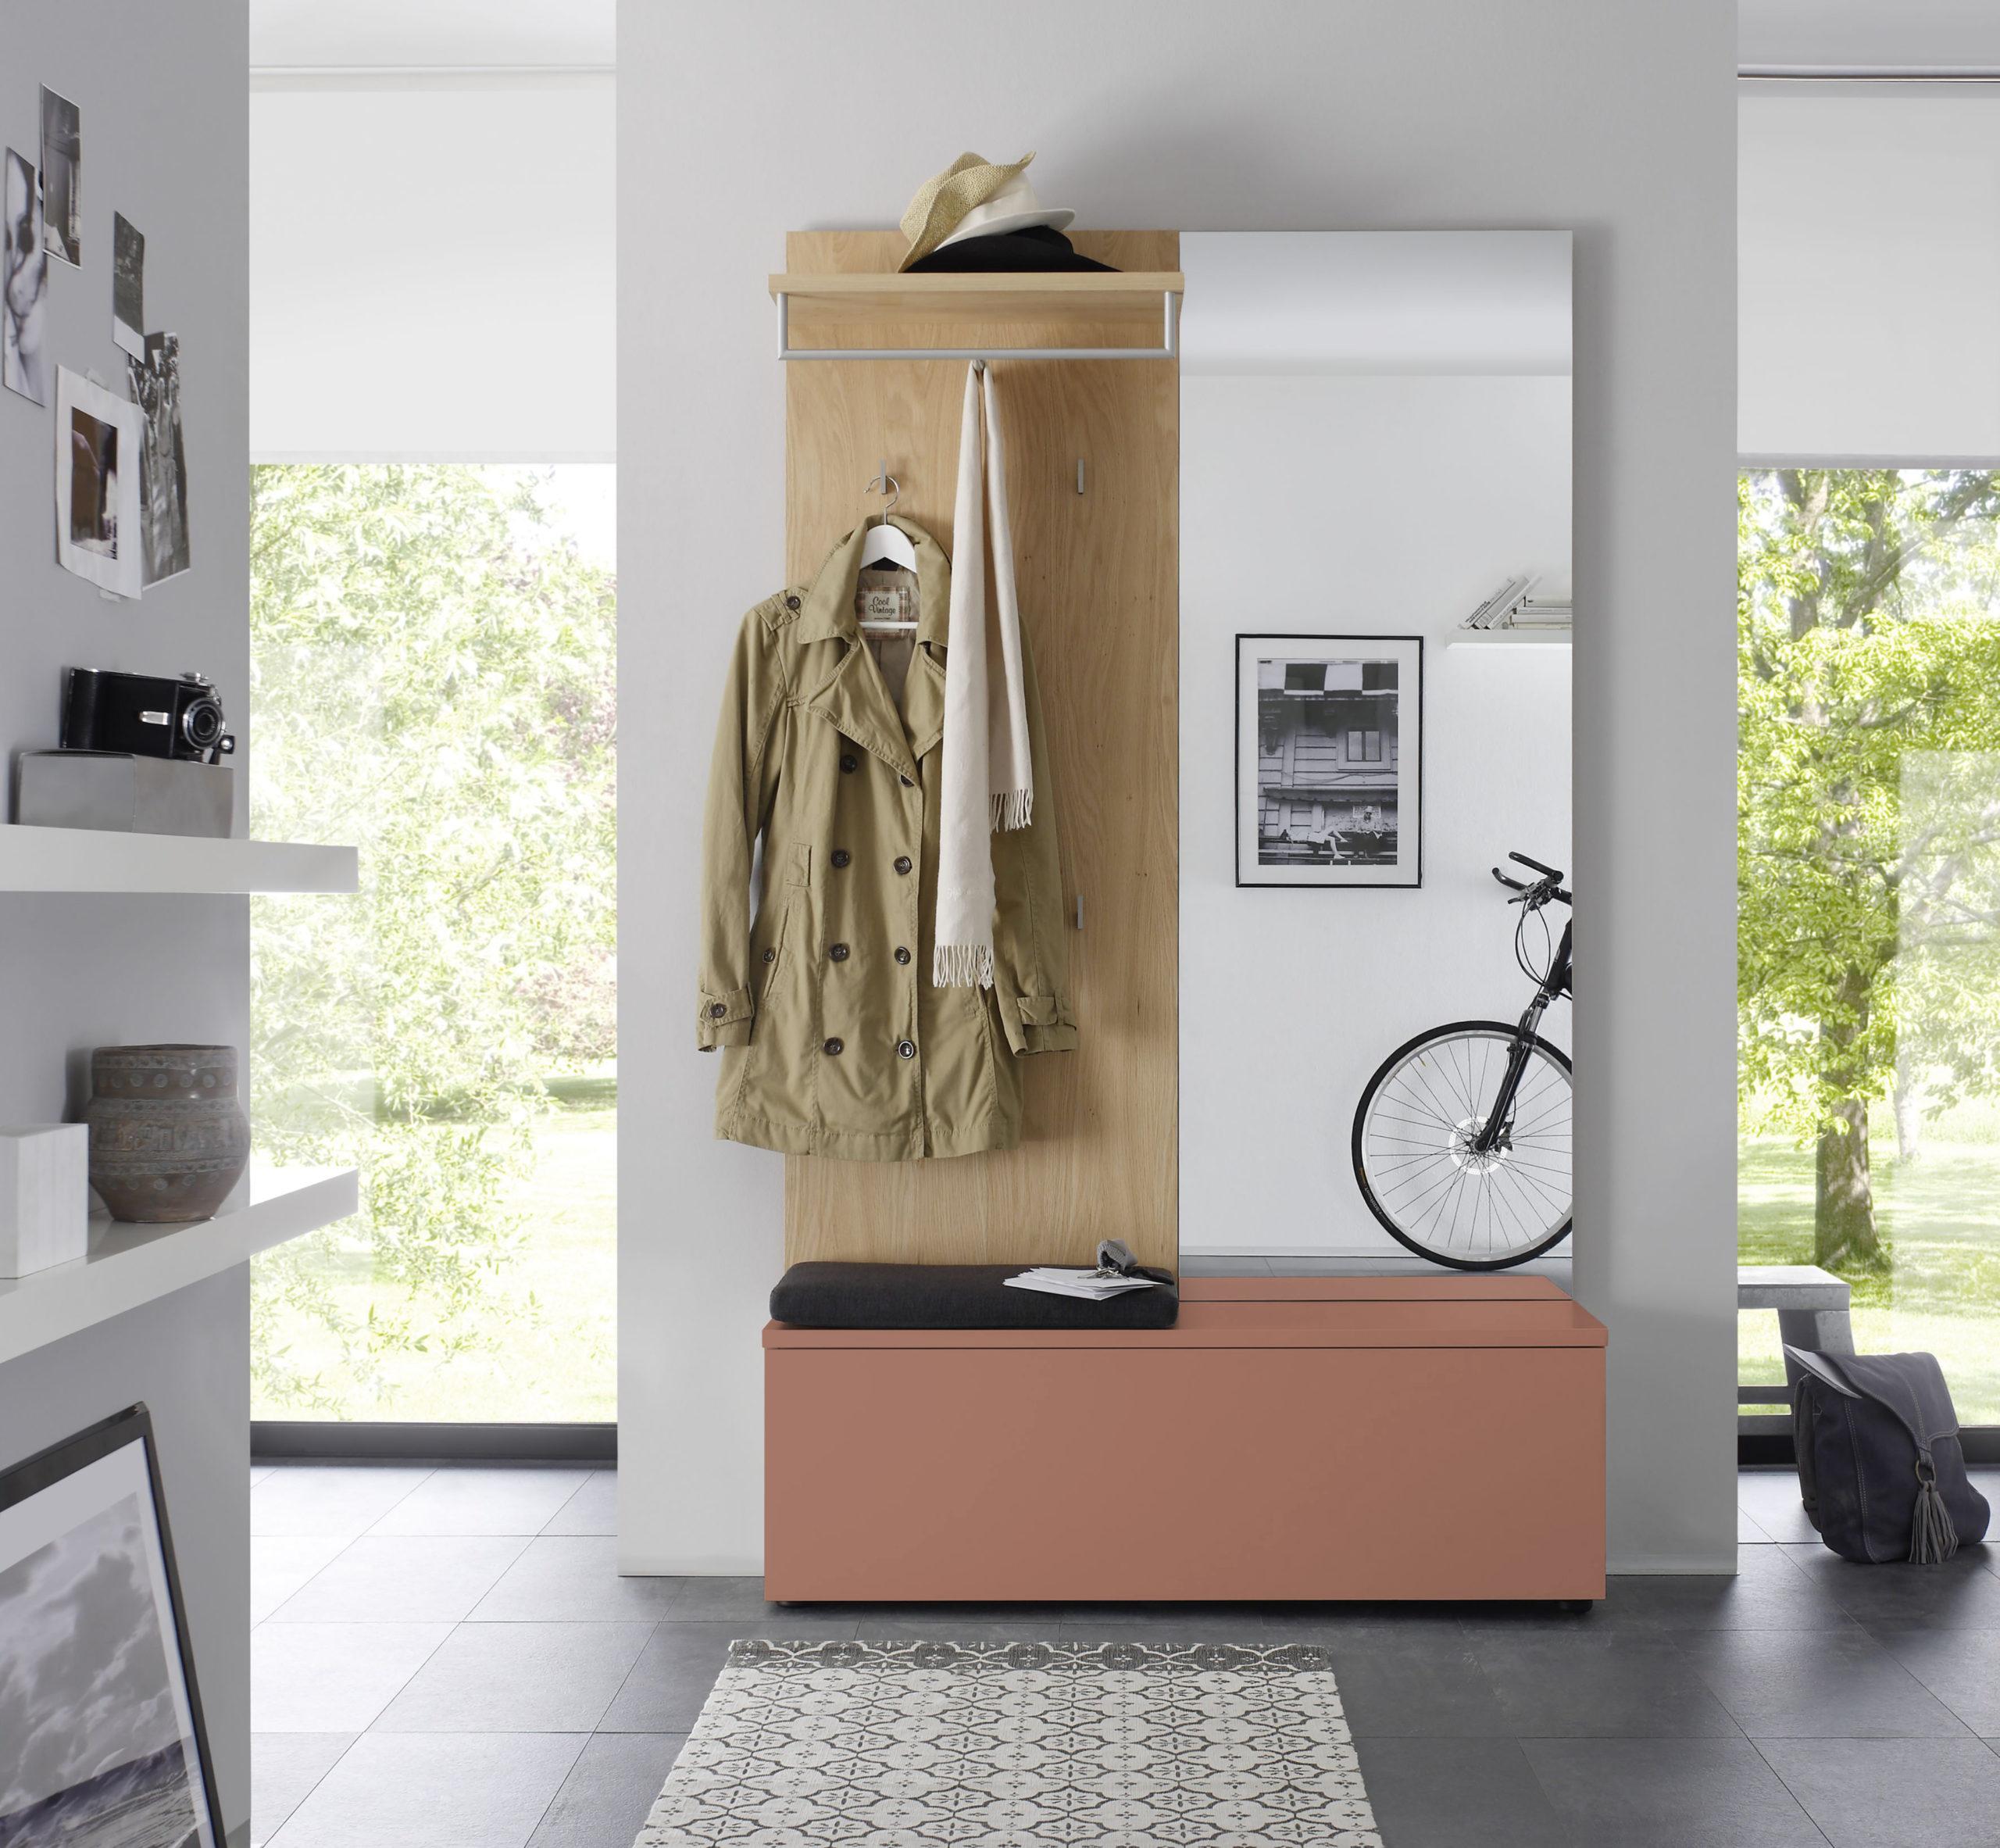 Sudbrock TANDO Garderobe in der Ausführung Ethno Eiche, Lack samtbeere #489